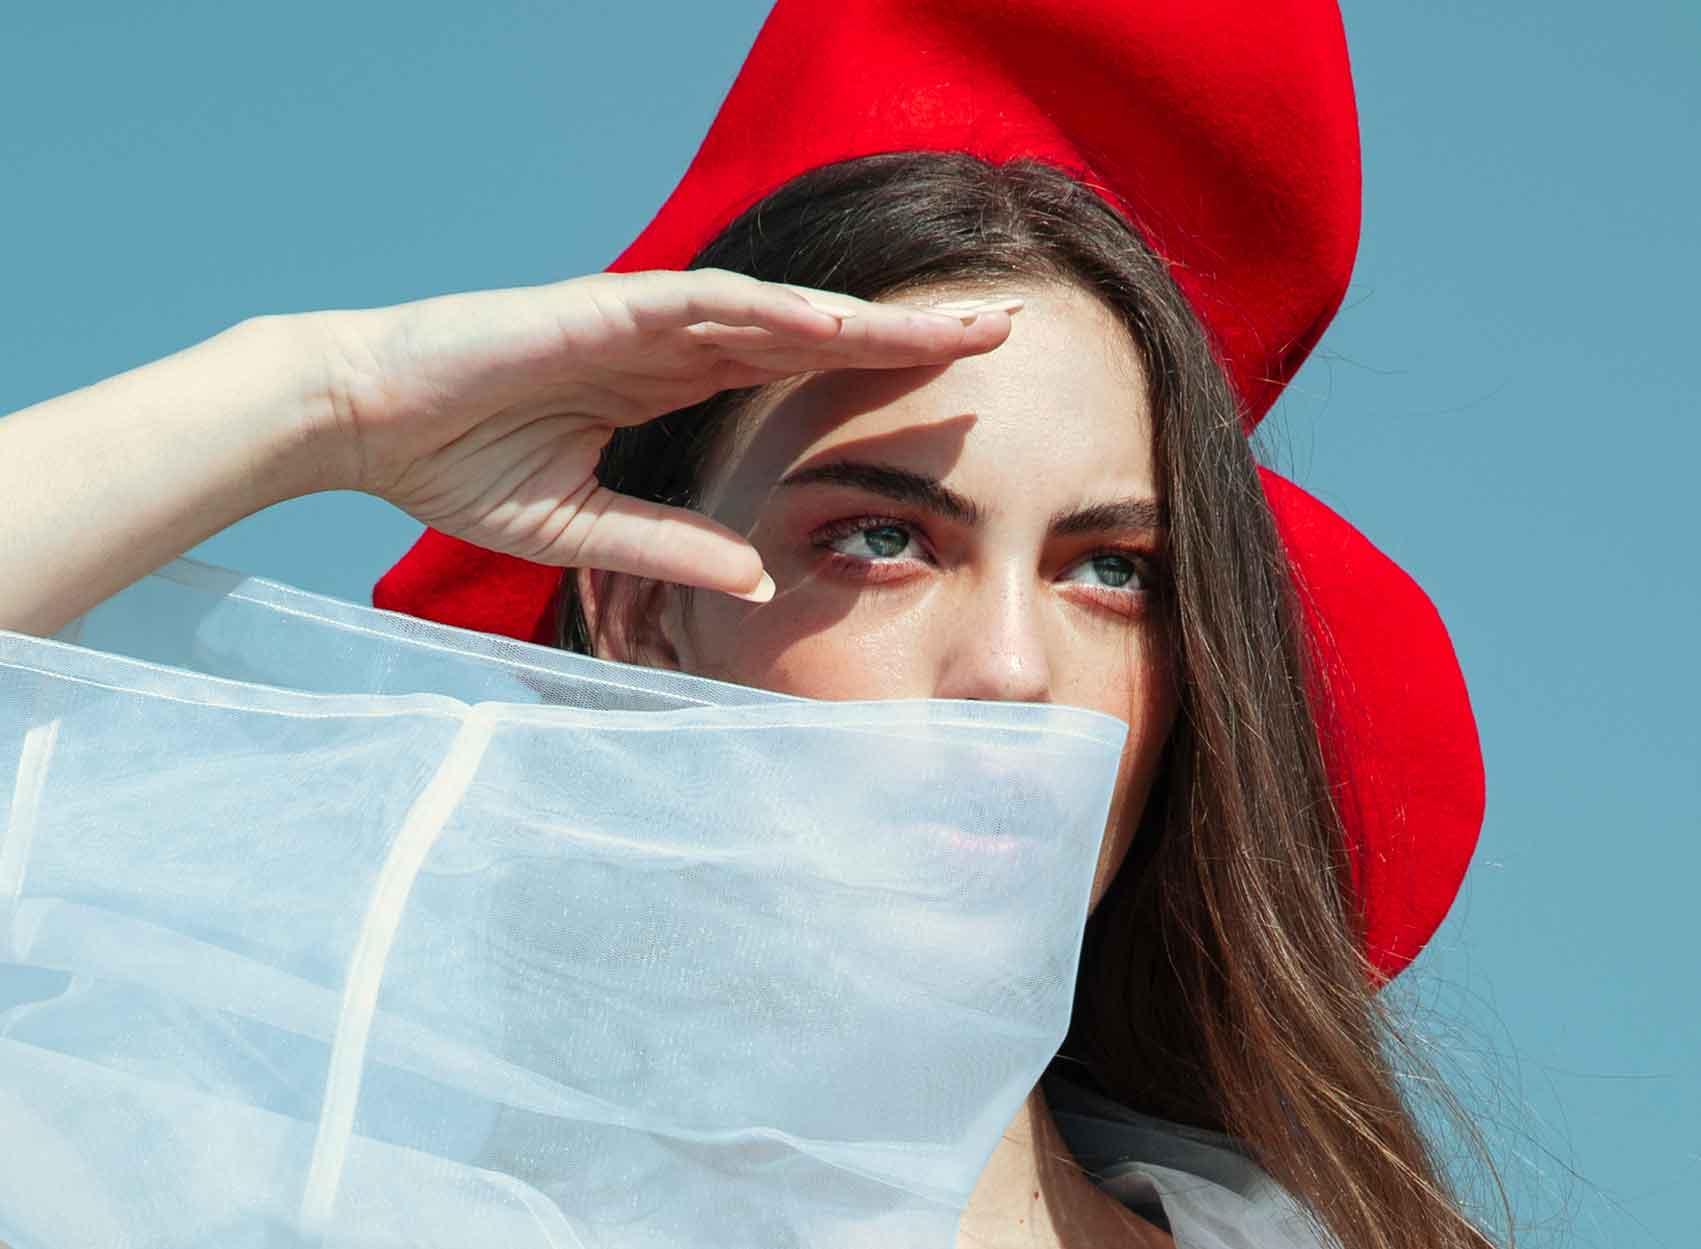 כוח-נשי-הפקות-אופנה - קימונו: שחר אבנט. כובע וחגורה: שיר כהן